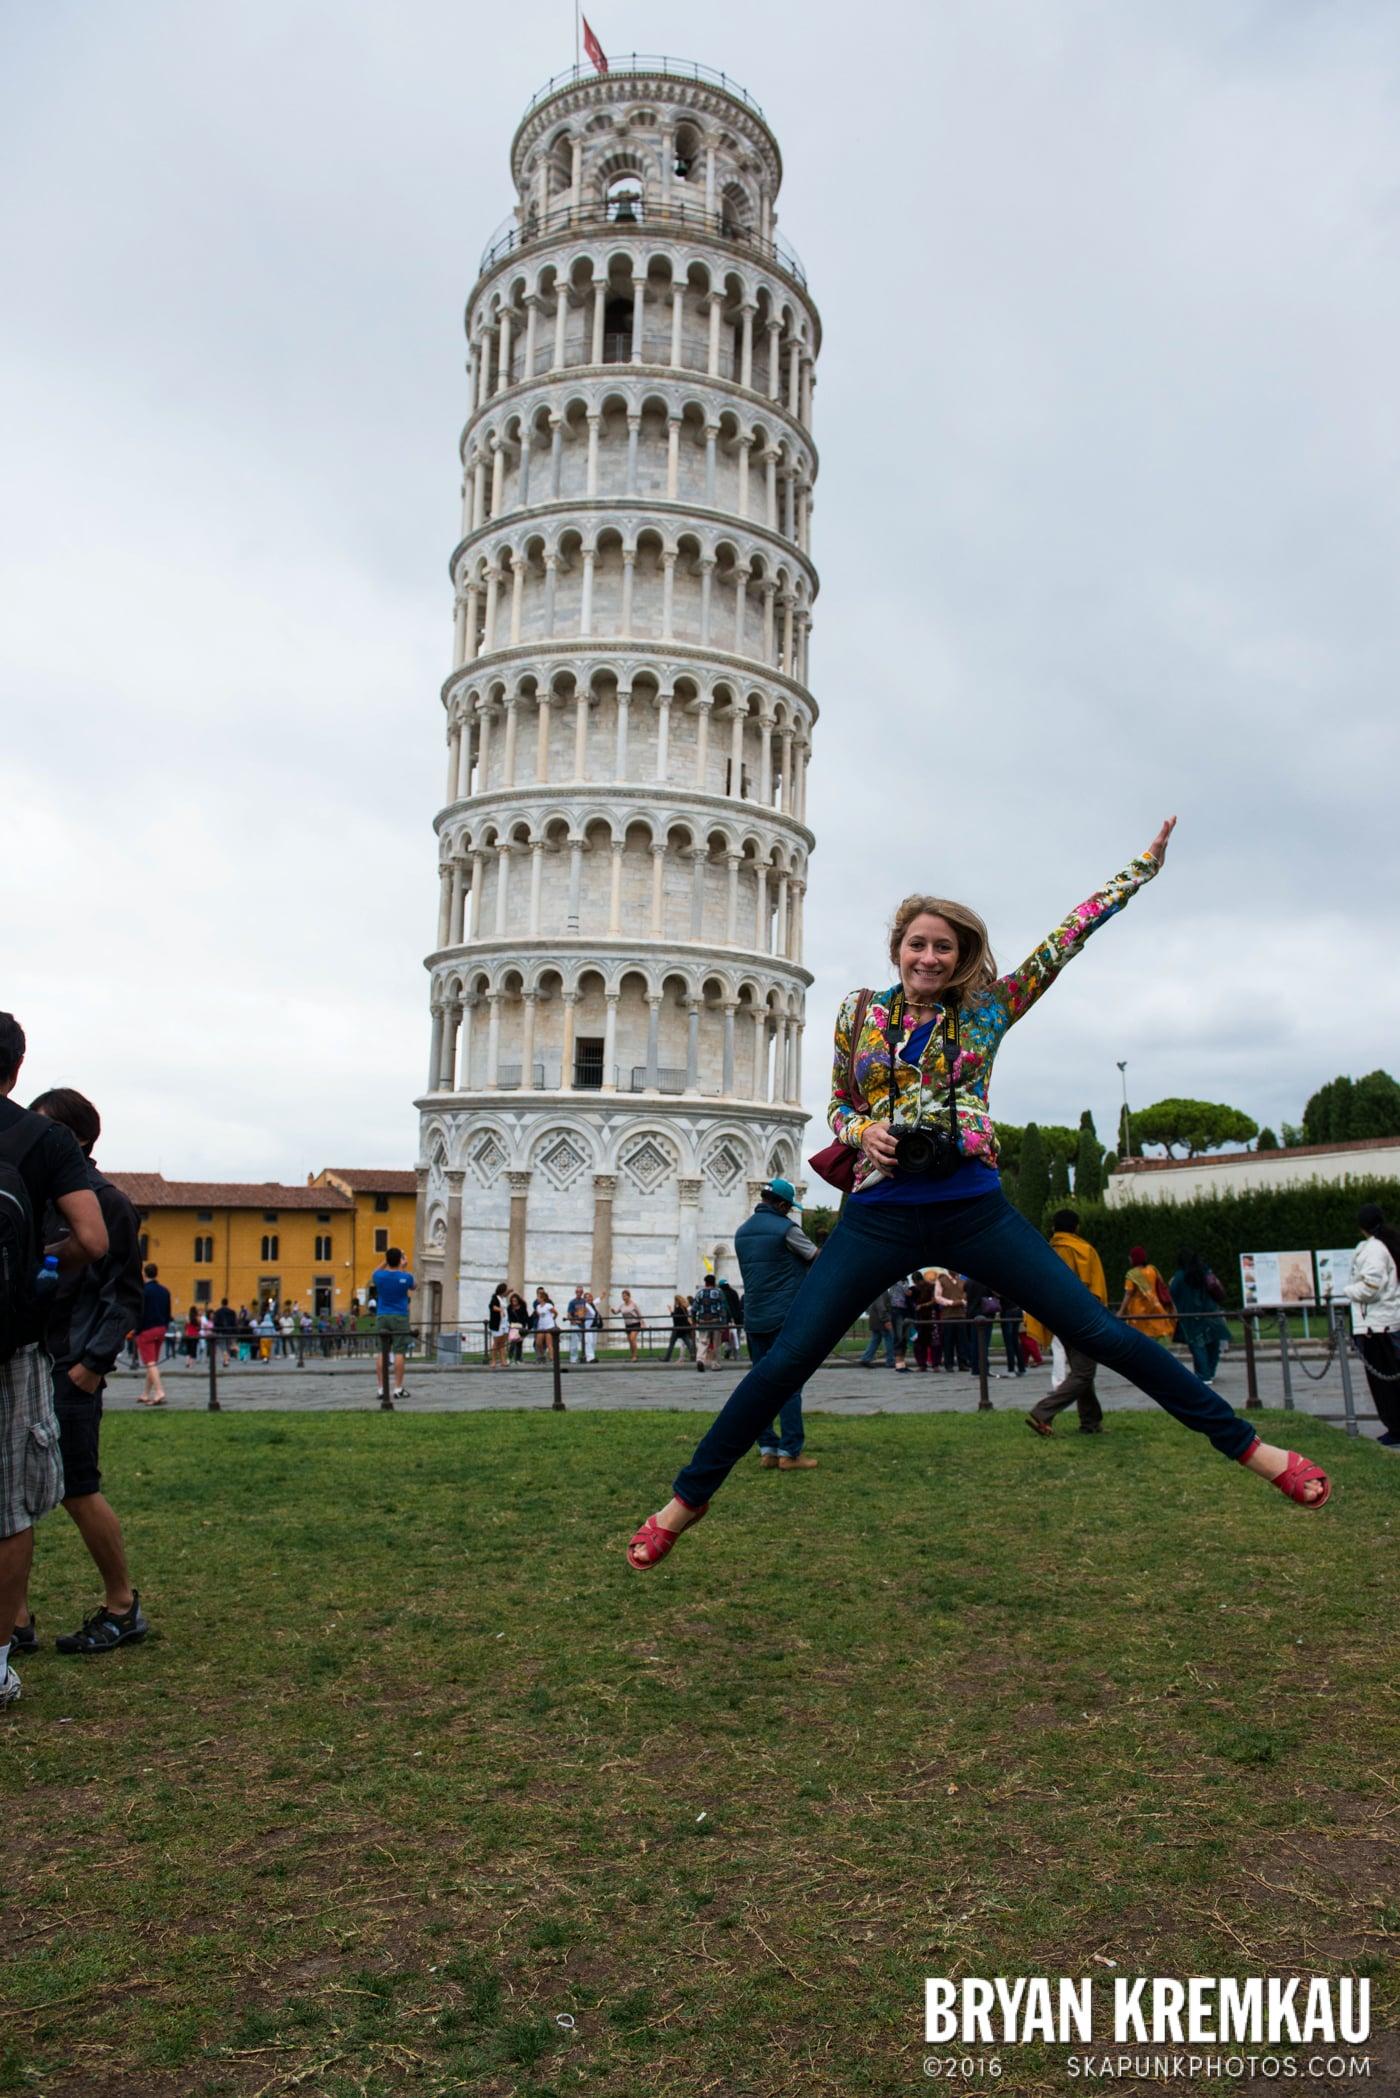 Italy Vacation - Day 8: Siena, San Gimignano, Chianti, Pisa - 9.16.13 (24)